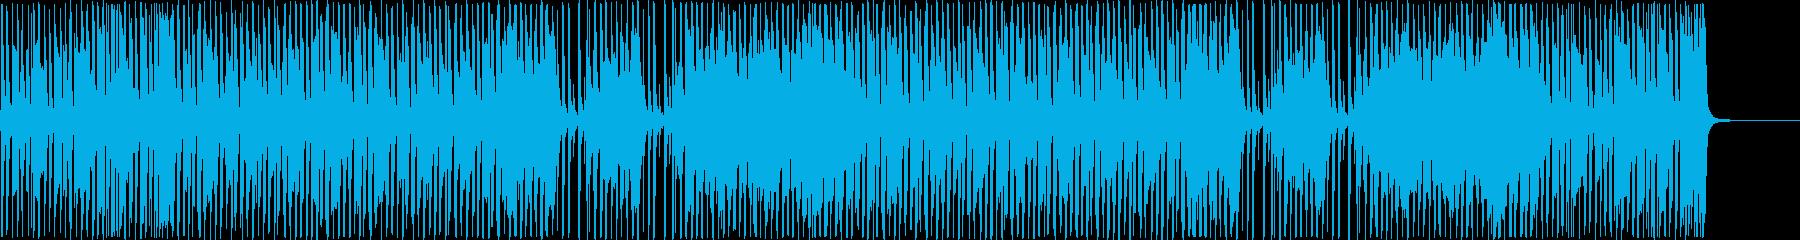 【メロなし】楽しく元気な口笛BGMの再生済みの波形